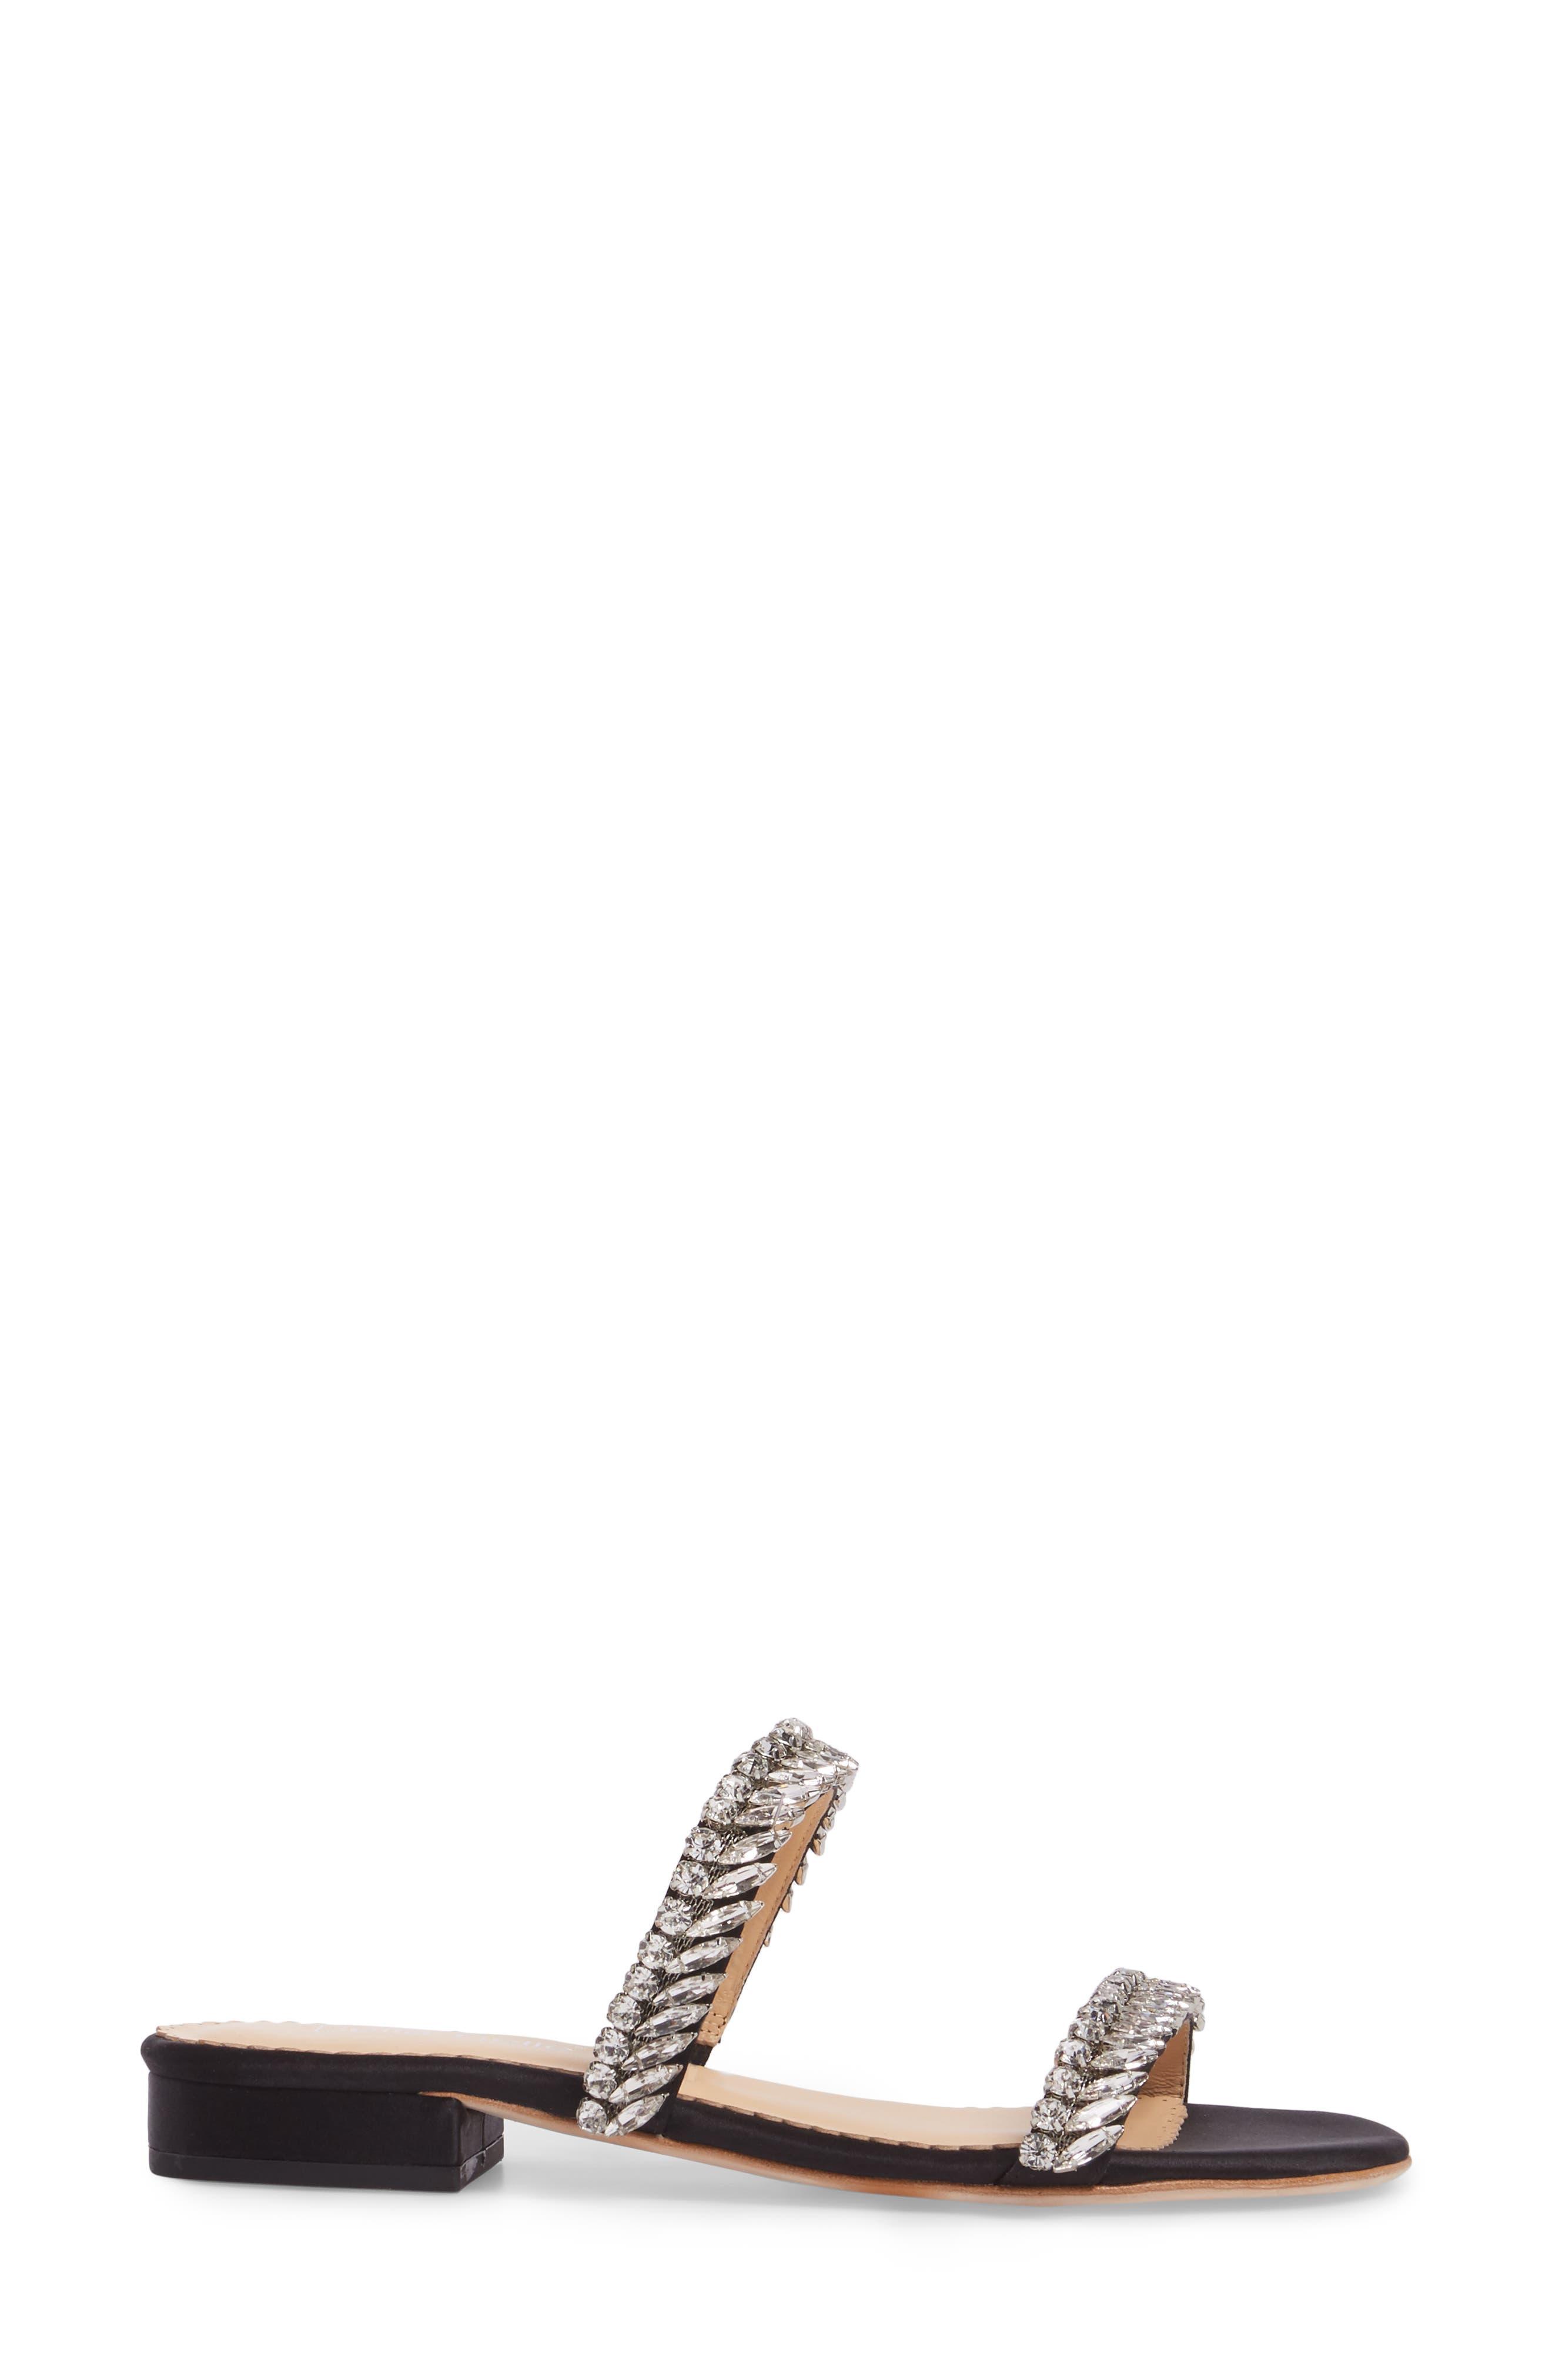 Bree Jeweled Evening Sandal,                             Alternate thumbnail 3, color,                             BLACK